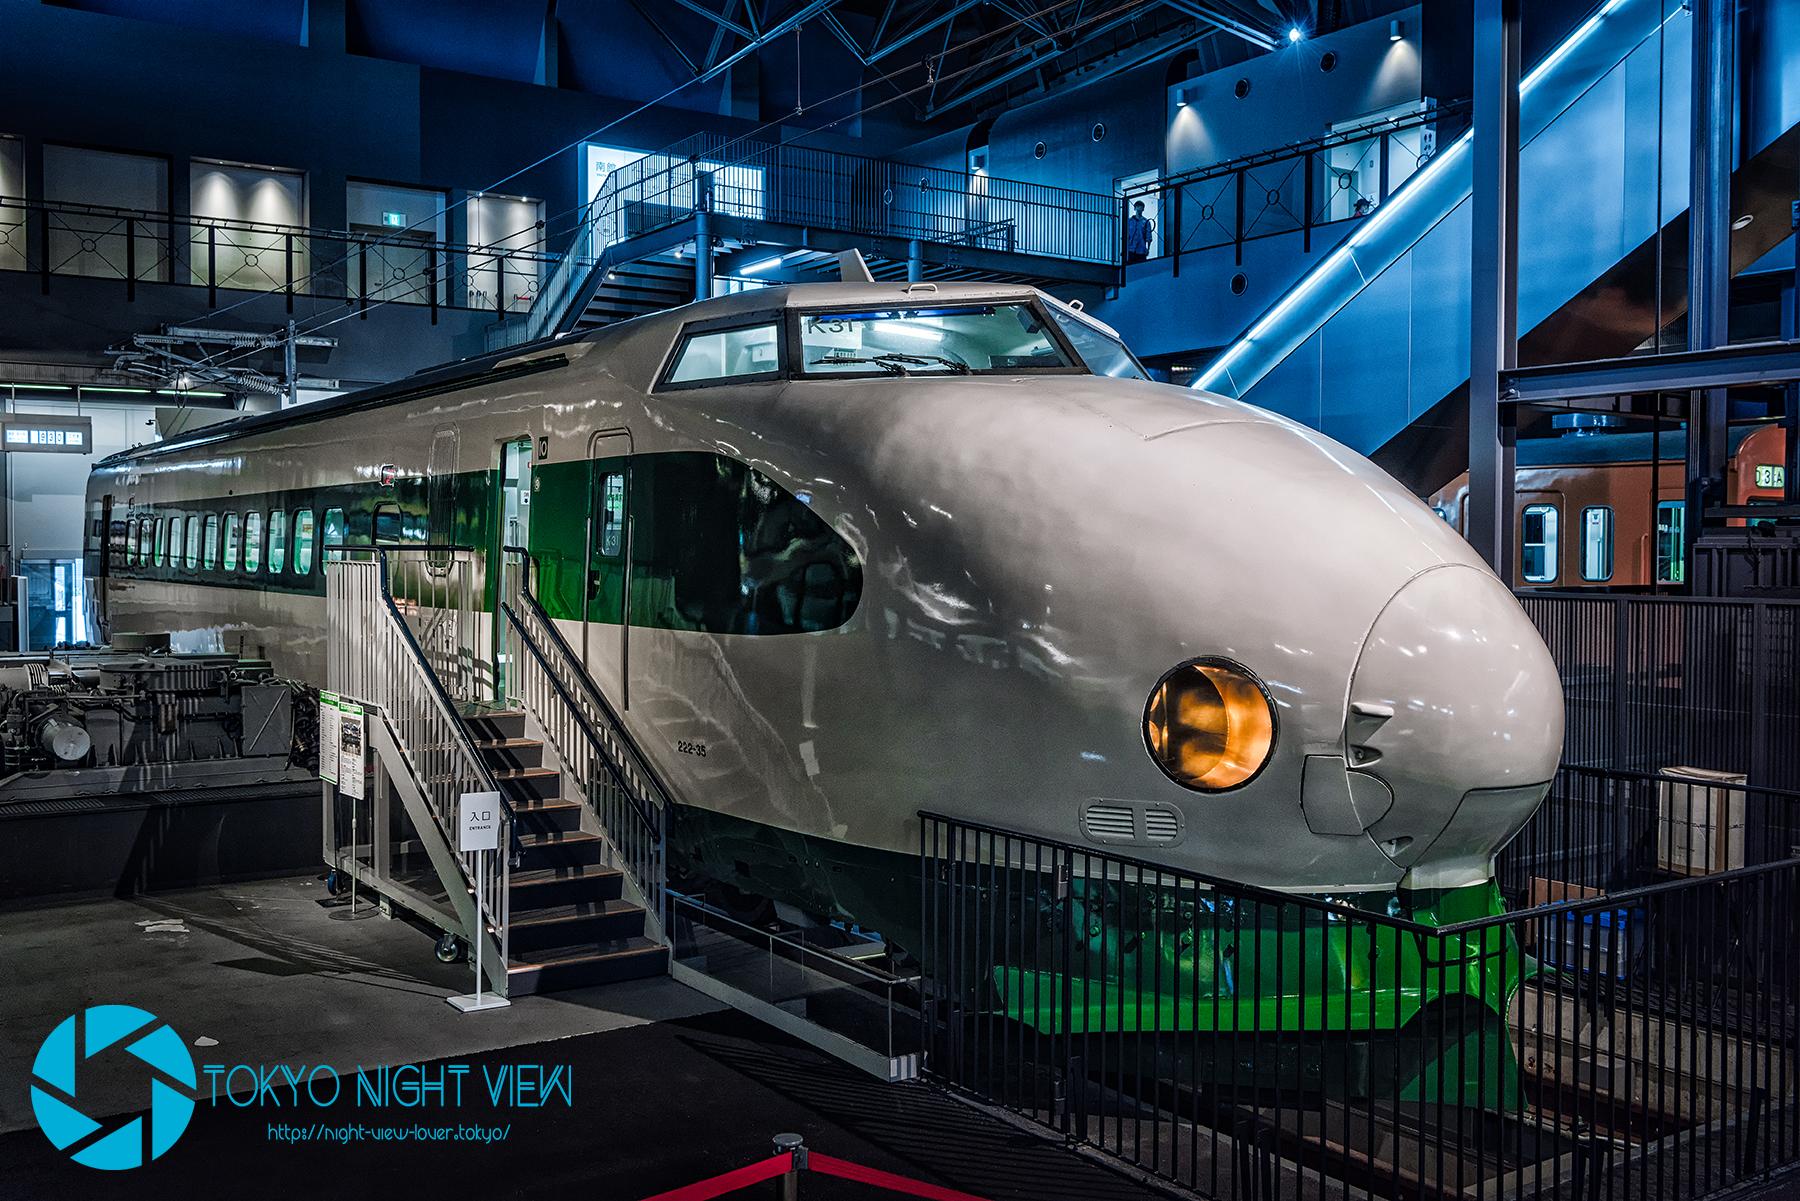 鉄道博物館 200系新幹線